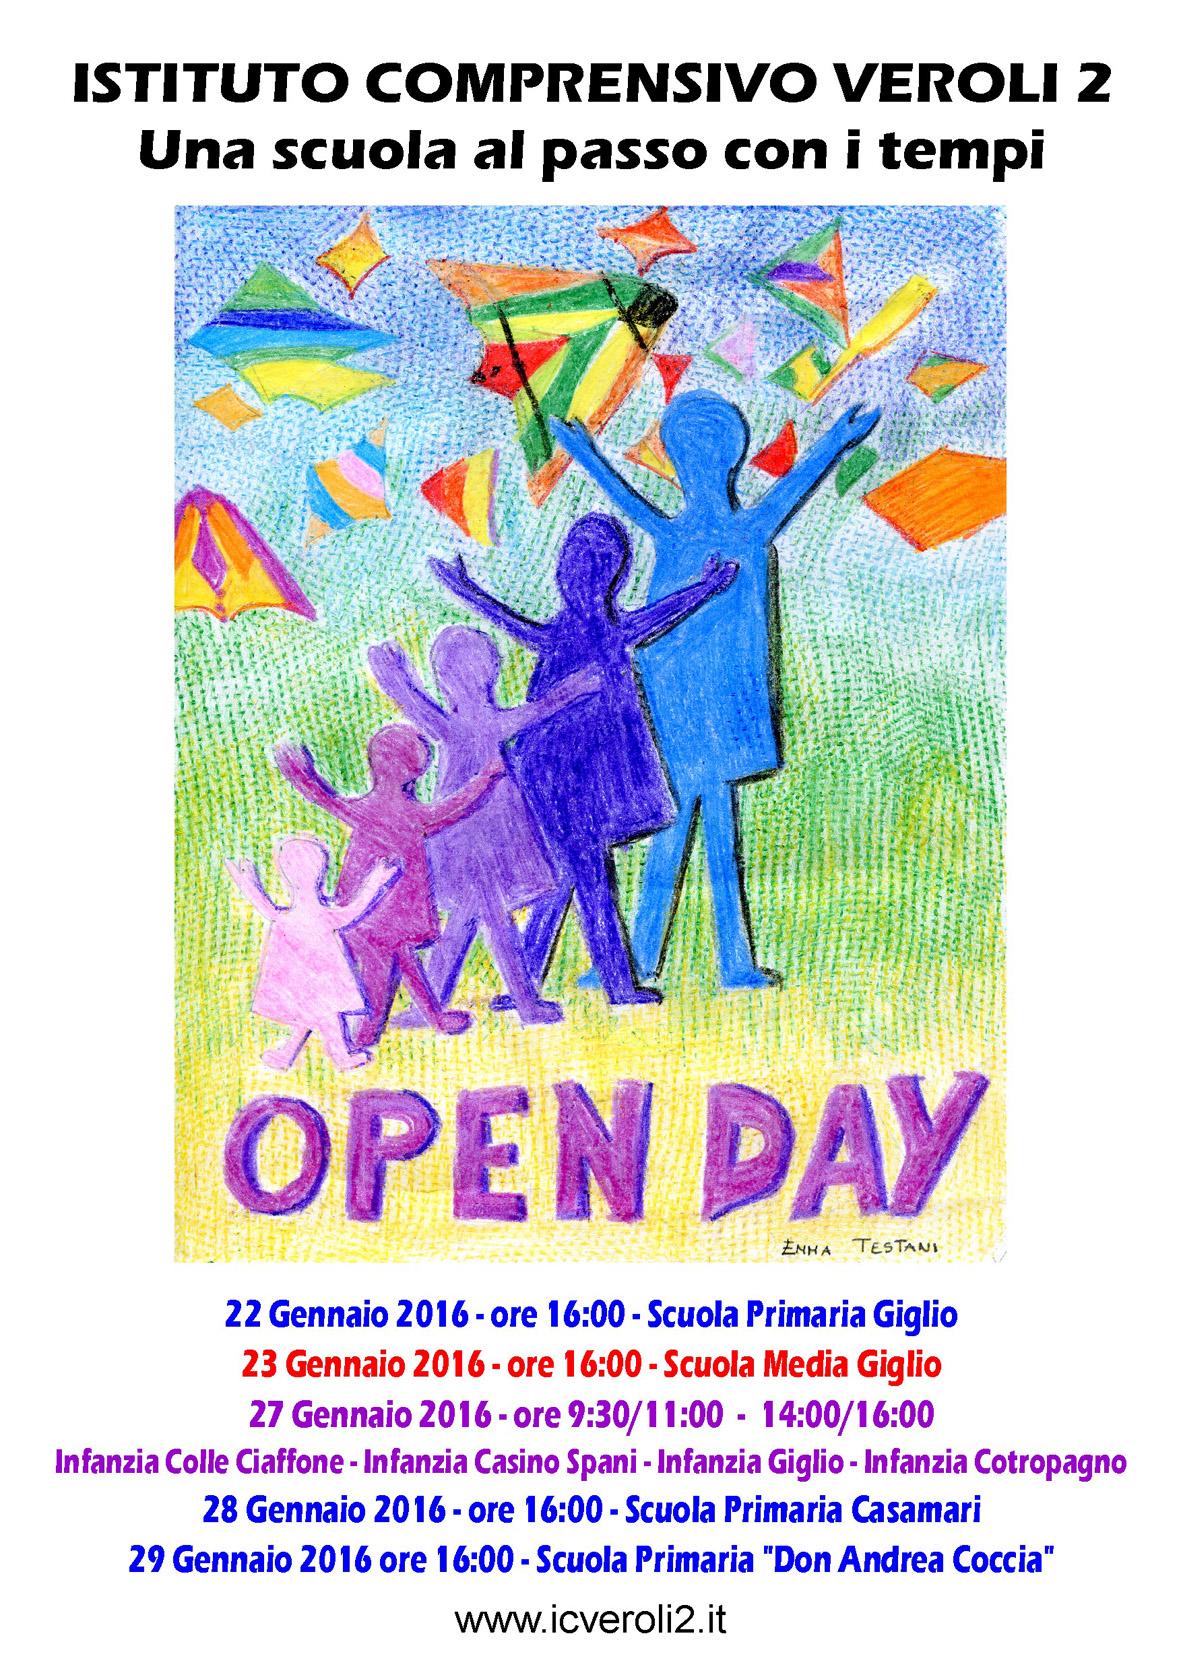 Istituto Comprensivo Veroli 2 Bagno Di Folla All 39 Open Day